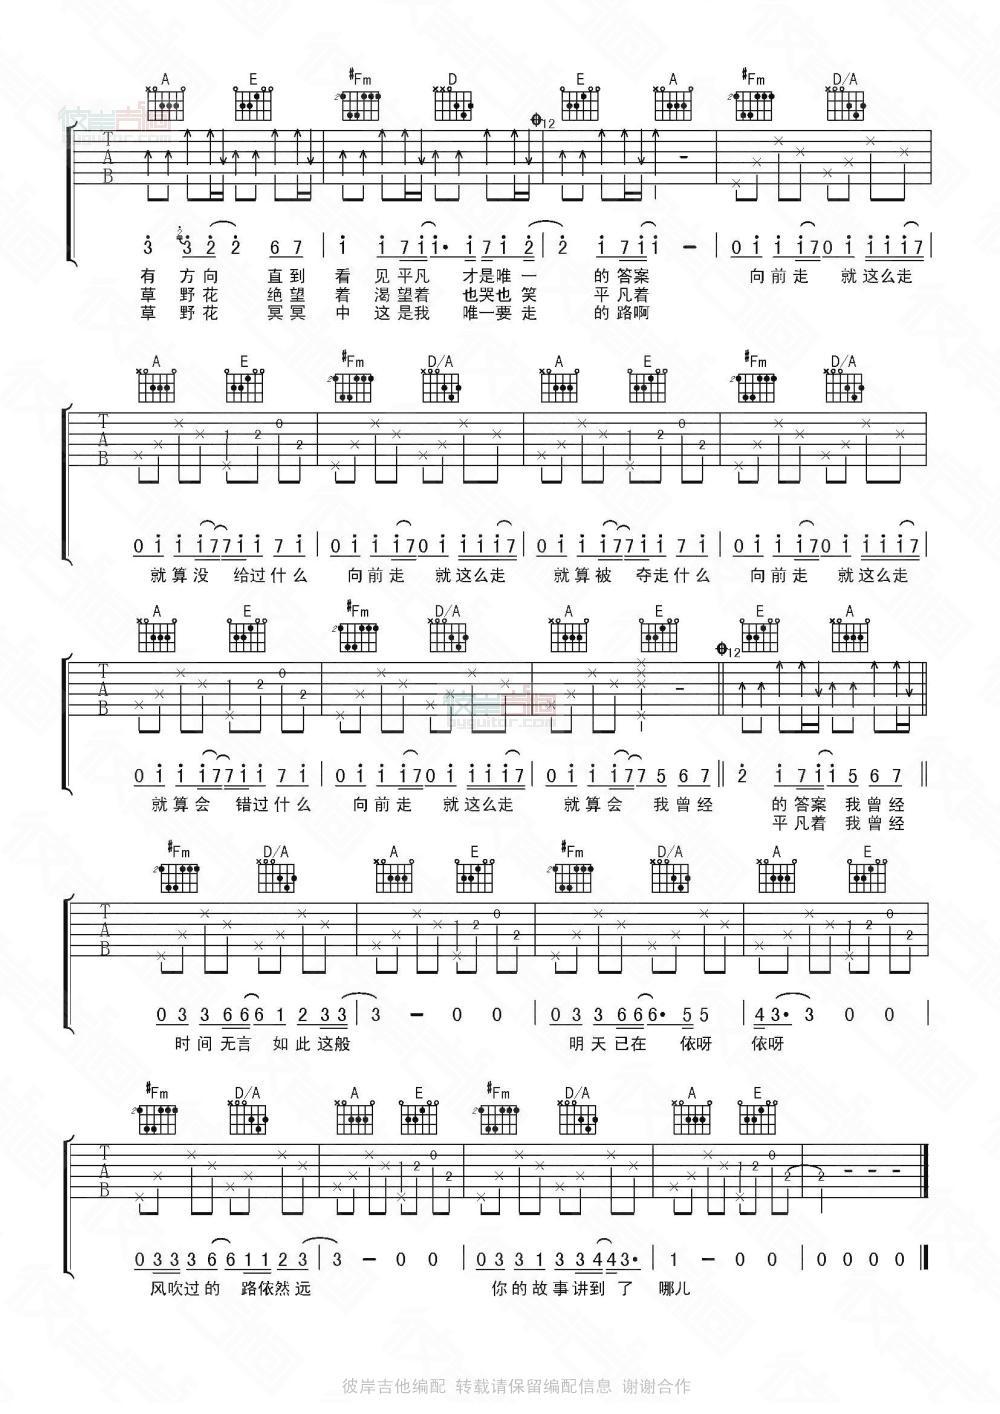 a调指法编配的吉他谱